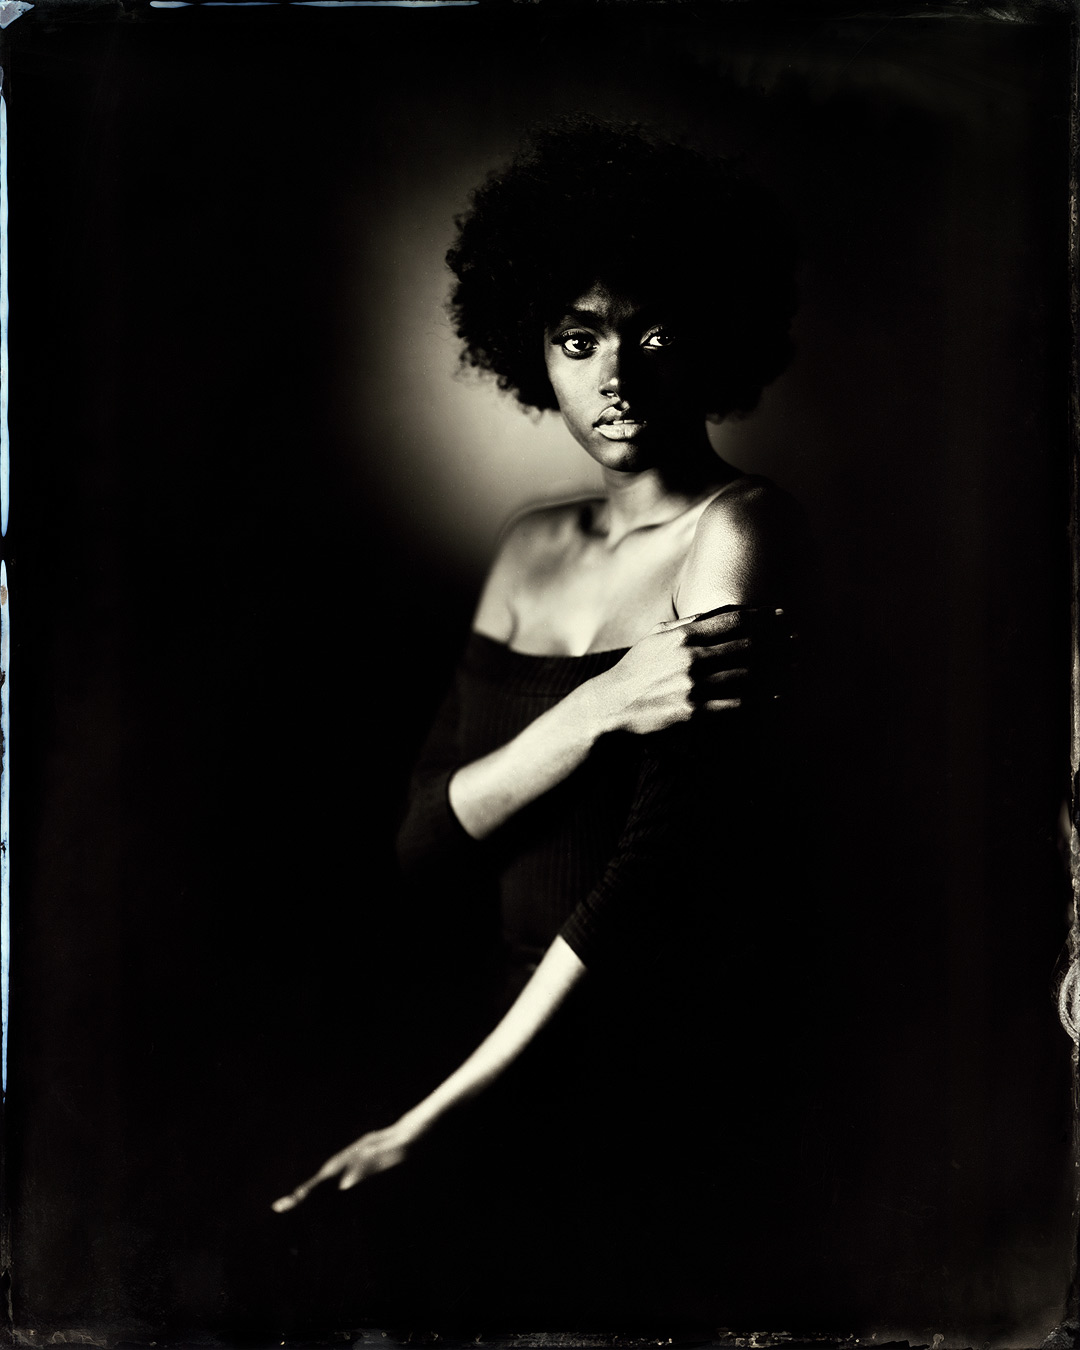 Naomi on Black - By: Ed Gately